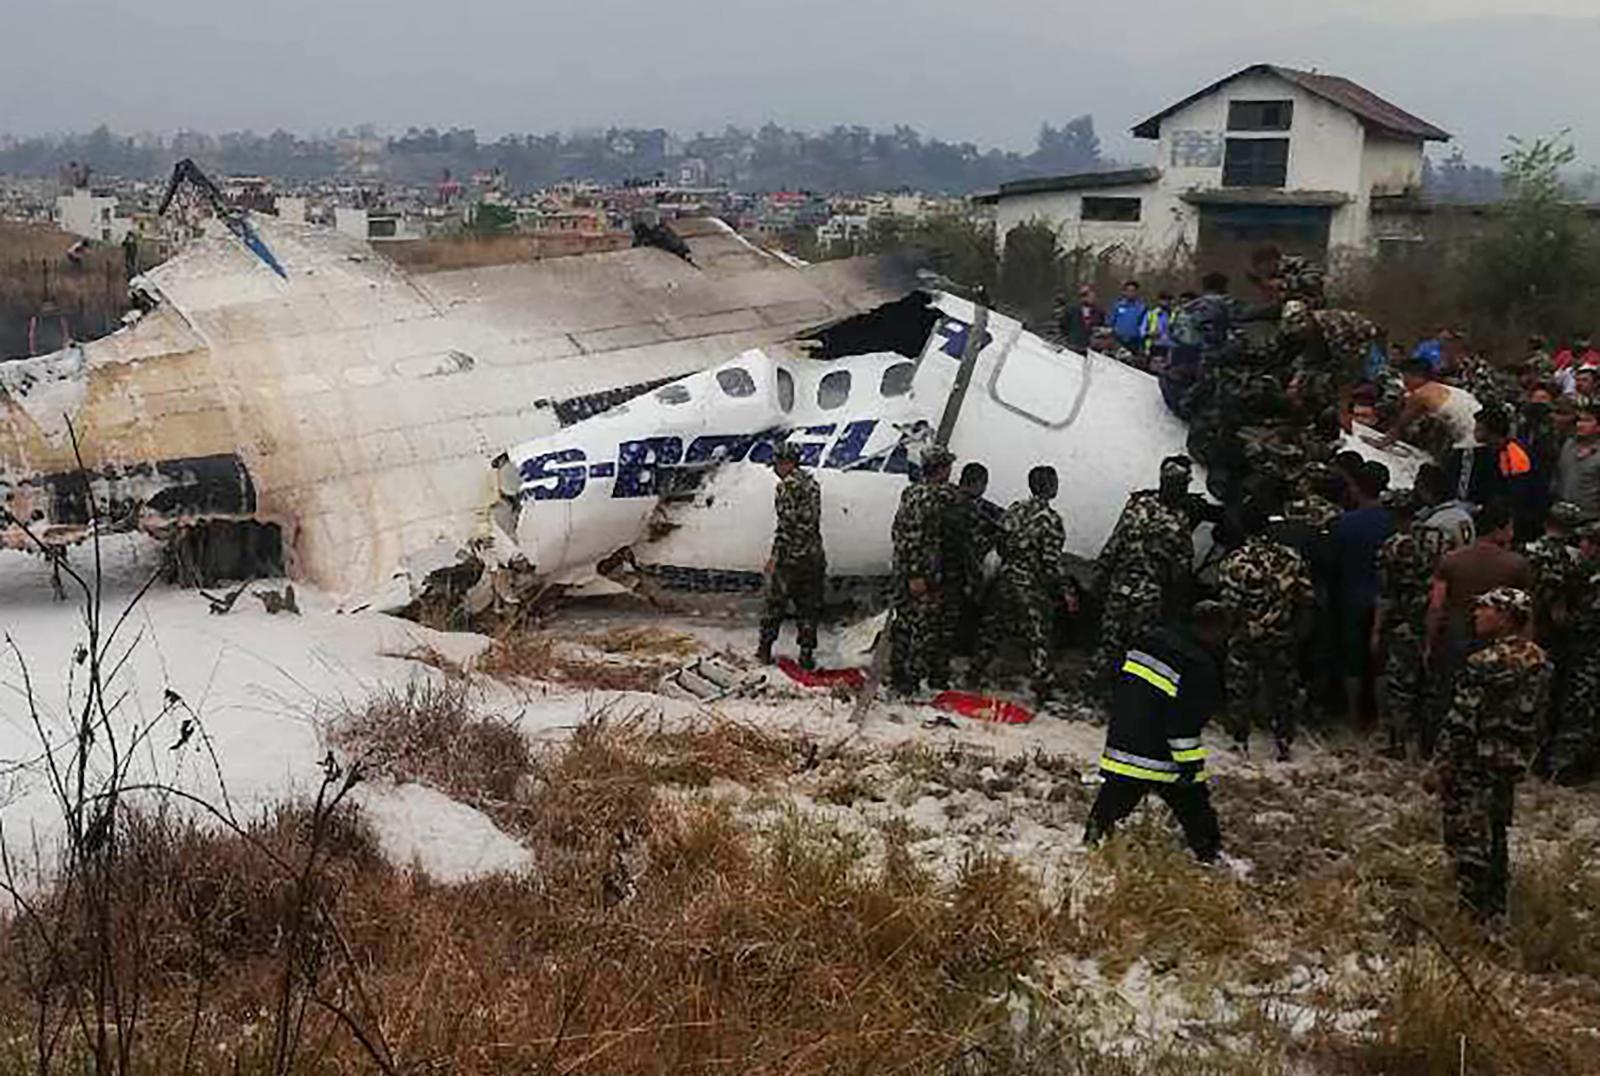 เครื่องบินตกขณะร่อนลงจอดที่สนามบินเนปาล